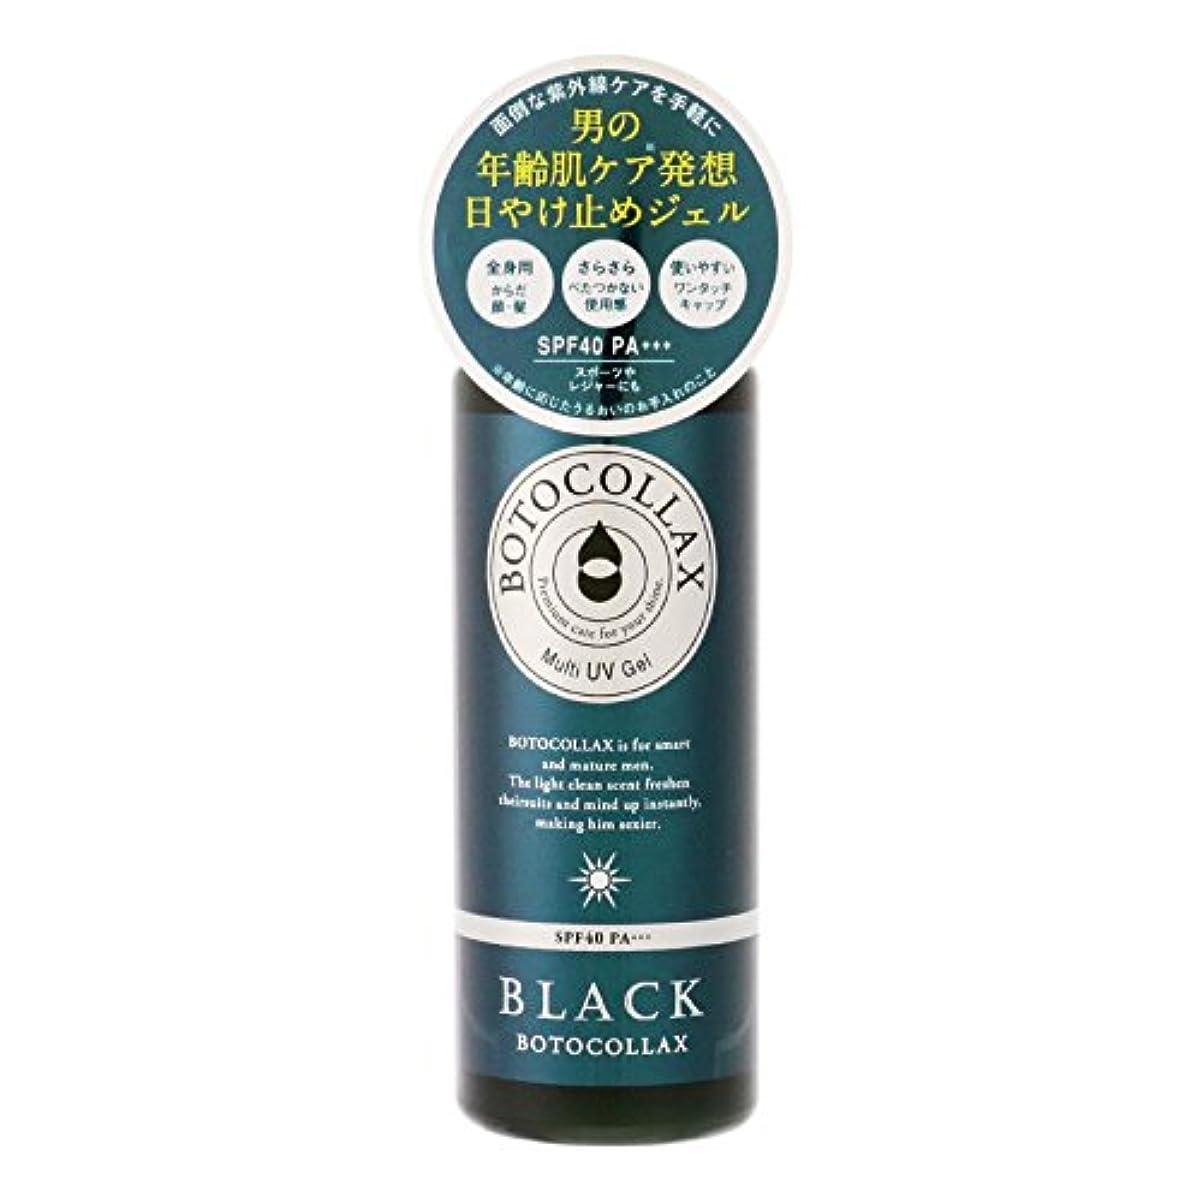 熟す熟す蜜ボトコラックスブラック オーシャン マルチUVジェル ベルガモットグリーンの香り 70g